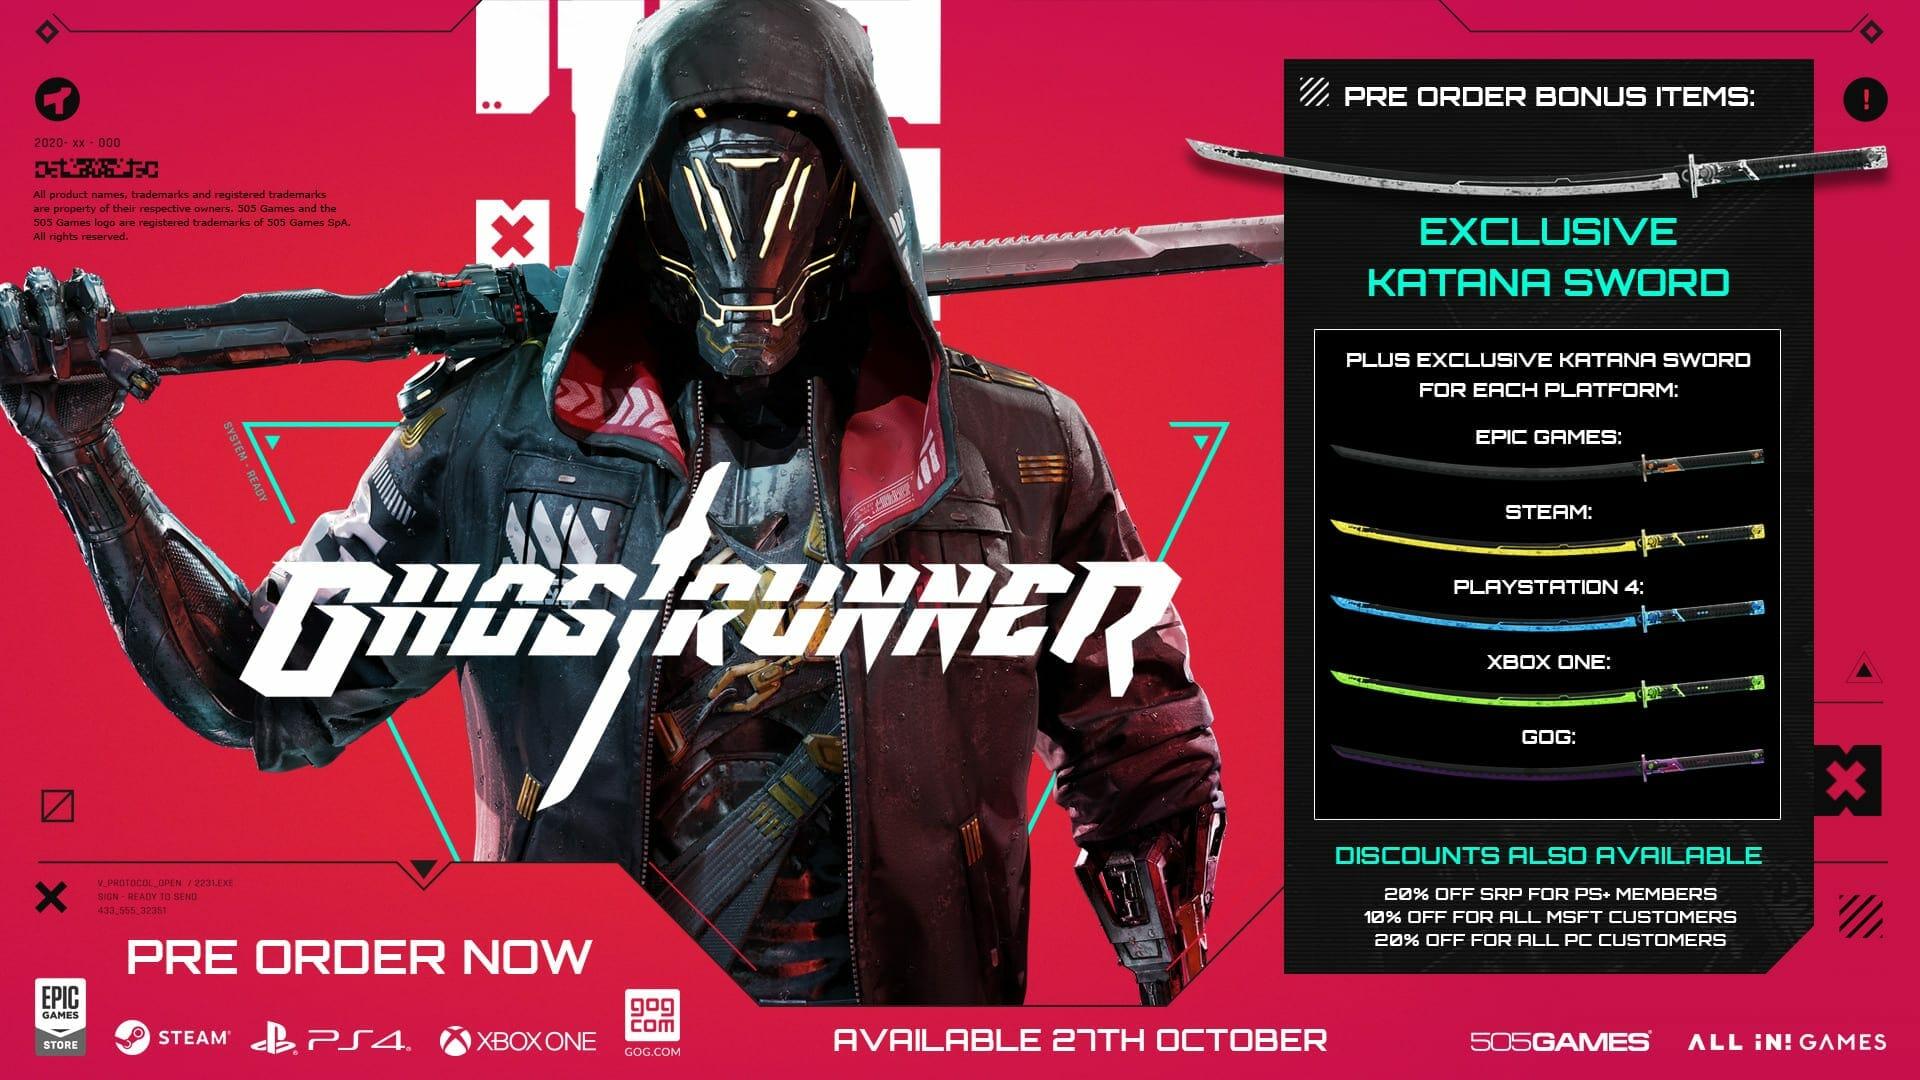 Ghostrunner Pre-Order Bonus